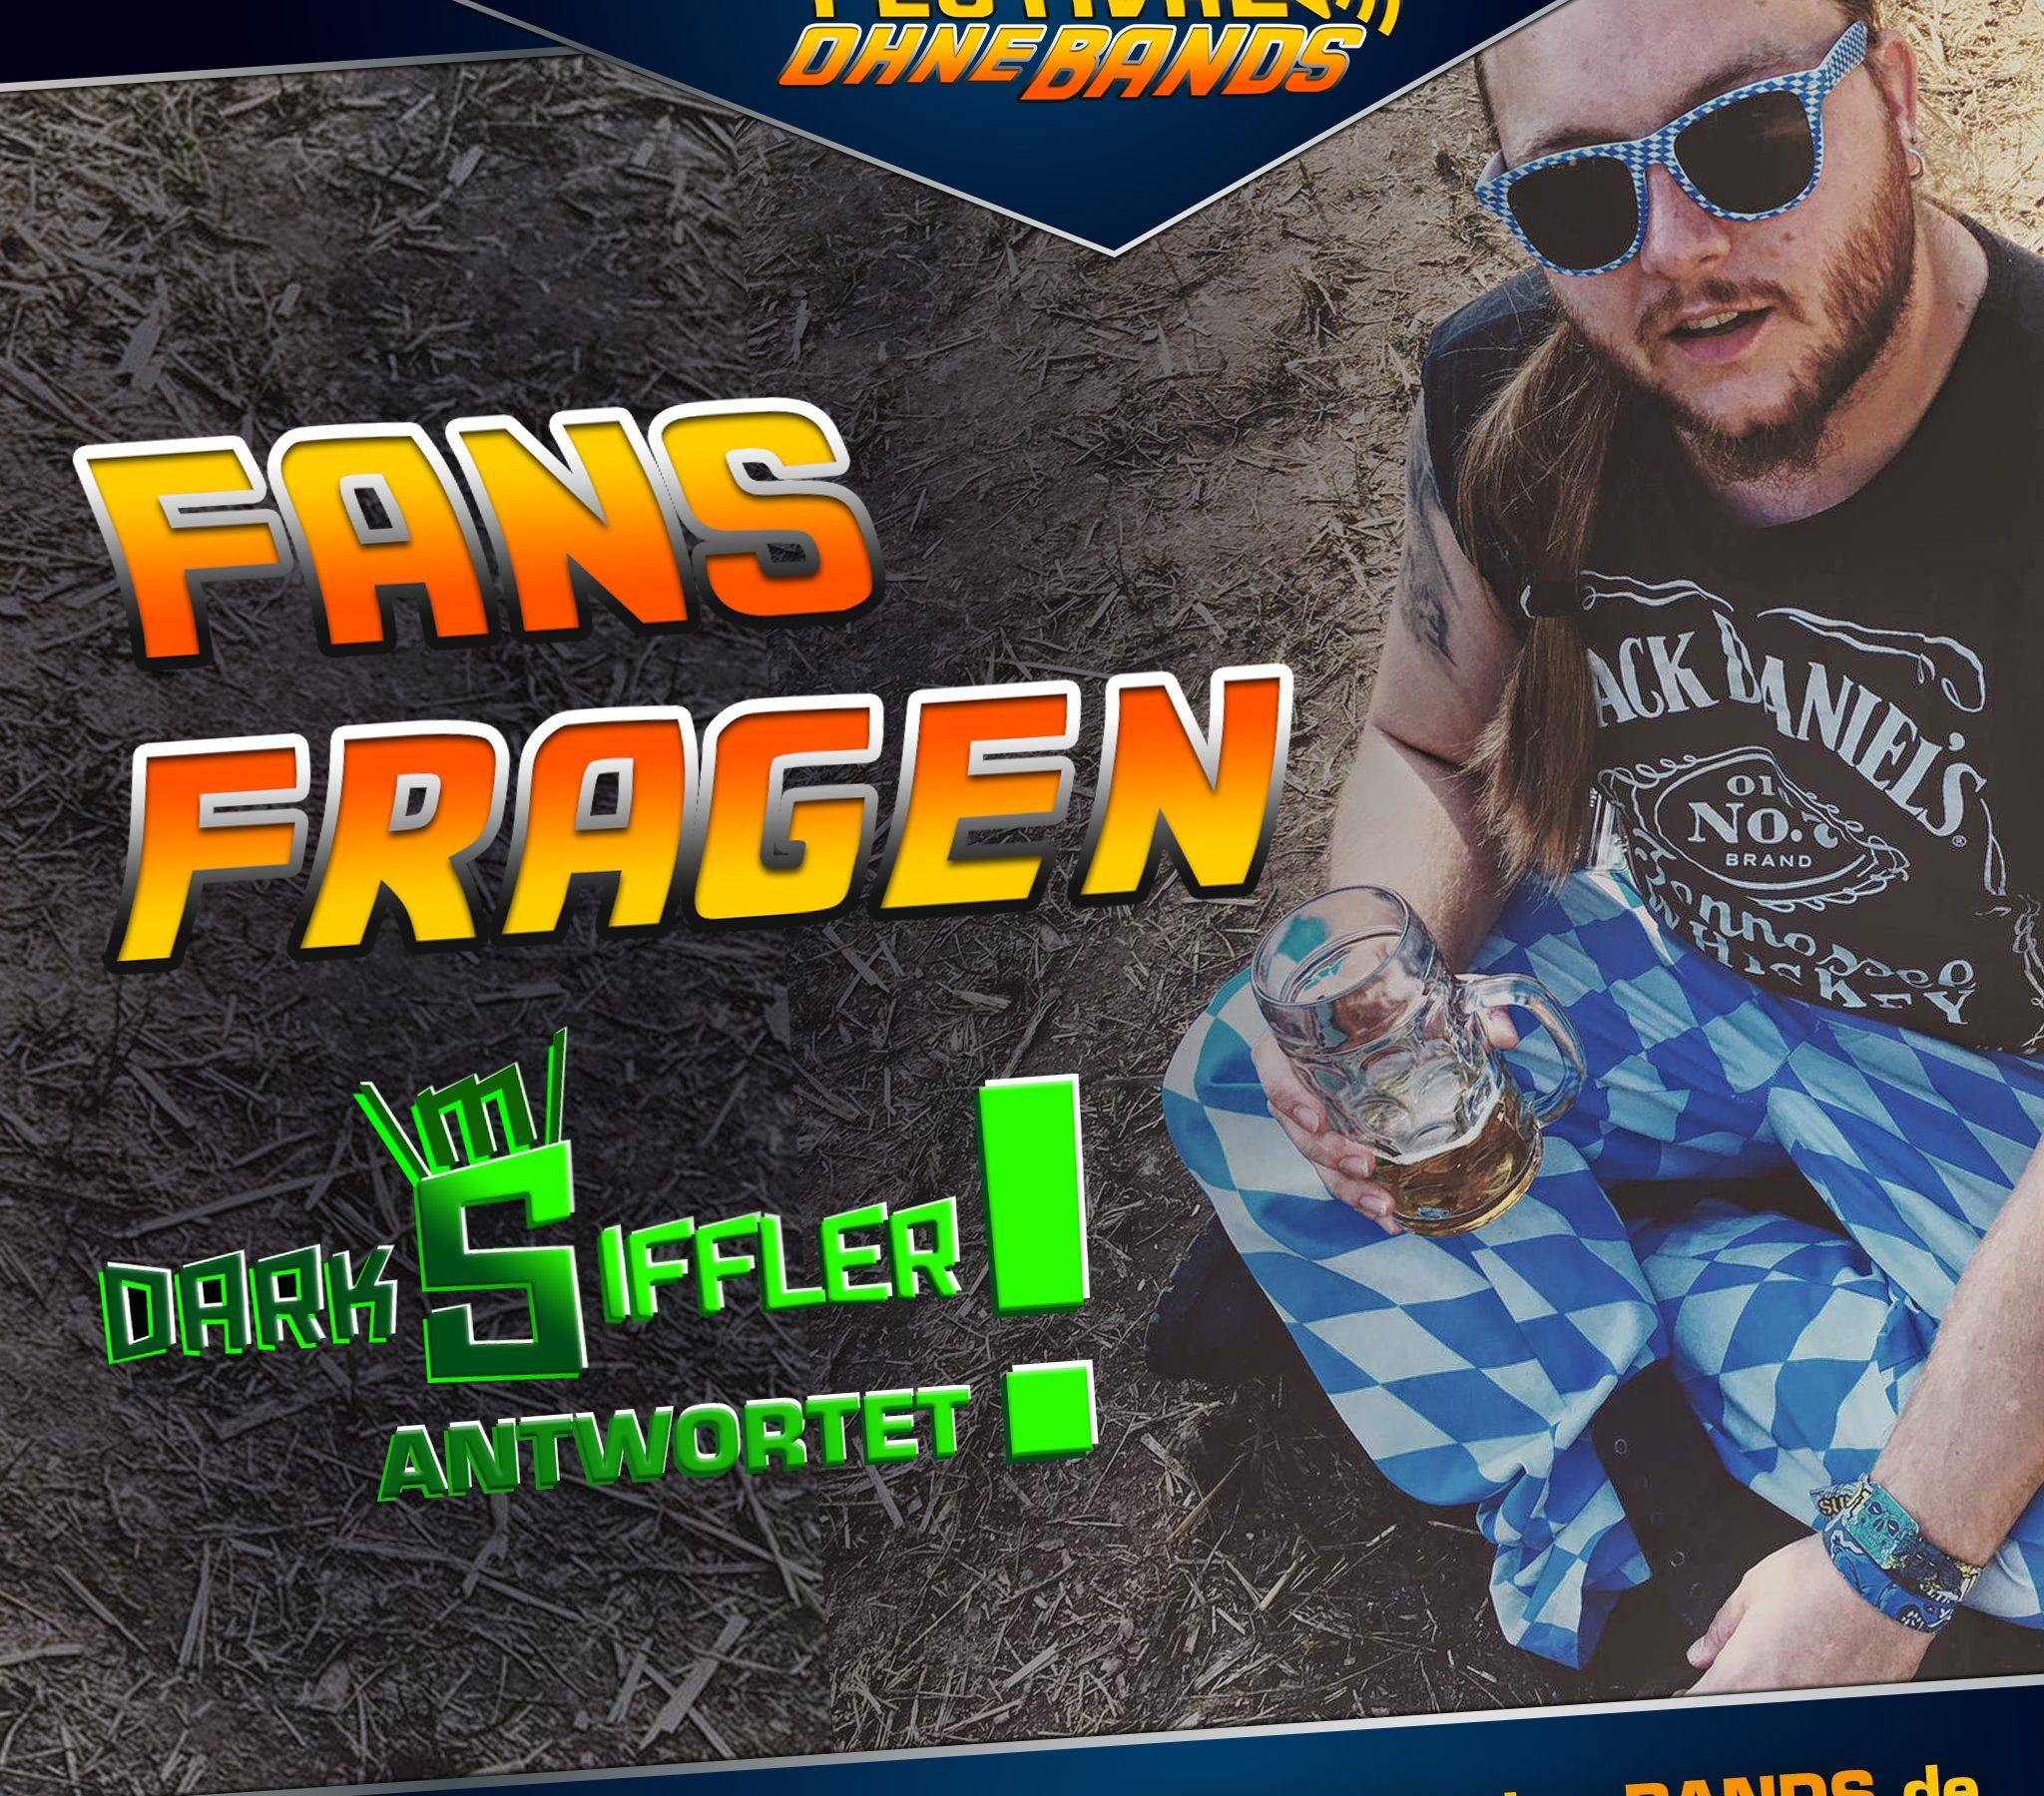 Darksiffler, der Youtuber, sitzt auf dem Boden und hat einen Bierkrug in der Hand. Daneben ist in Grafischer schrift geschrieben: Fans fragen, Darksiffler antwortet.